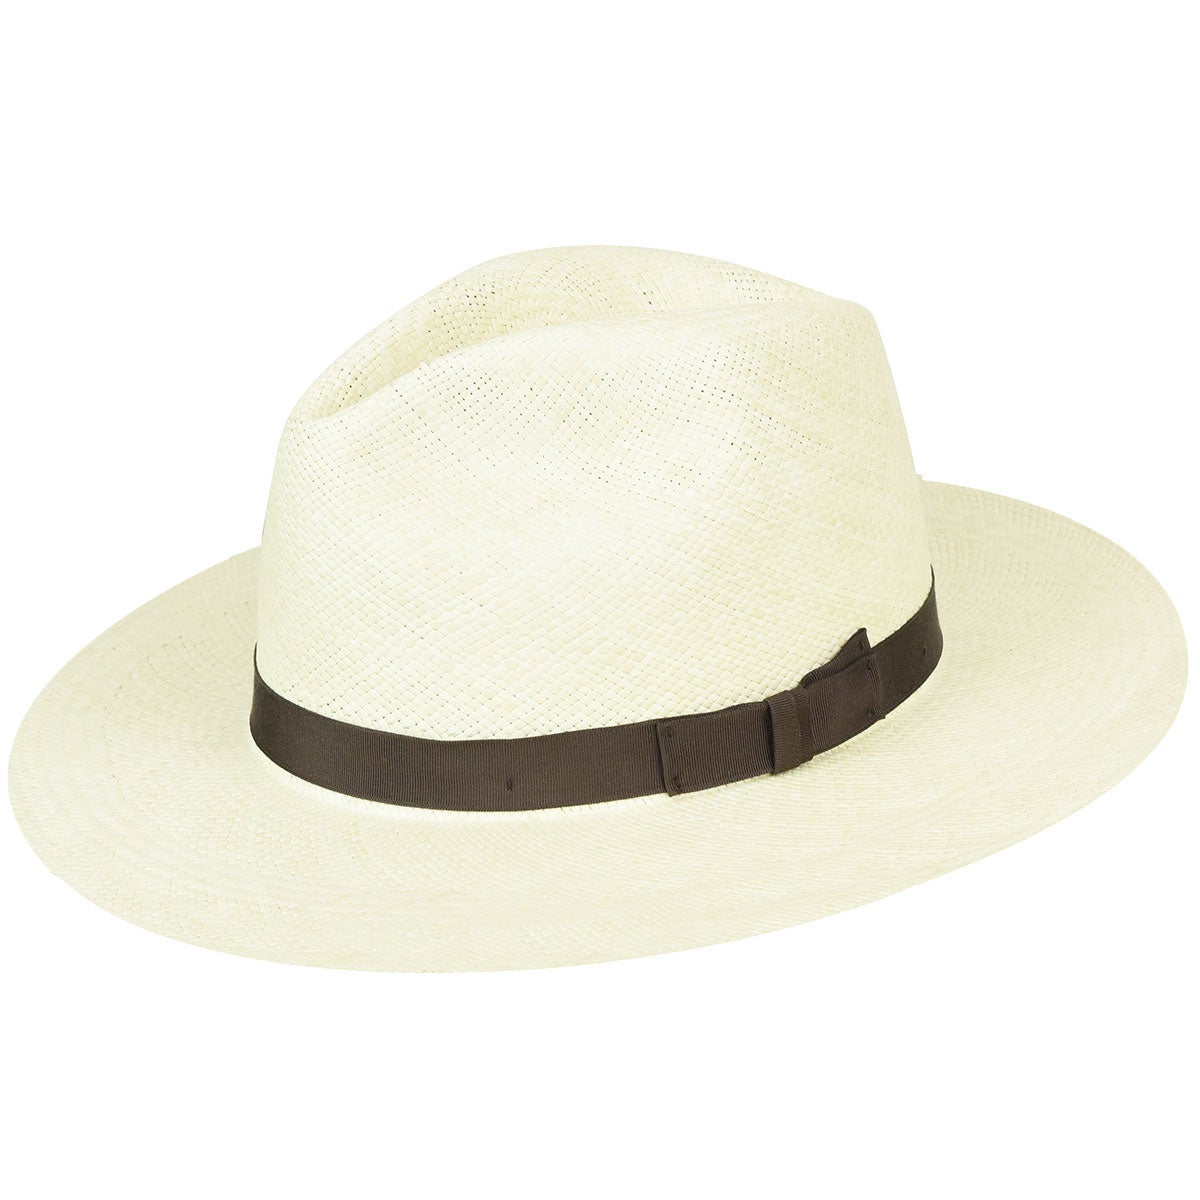 Pantropic Classic Fedora Panama Hat in Natural,Brown